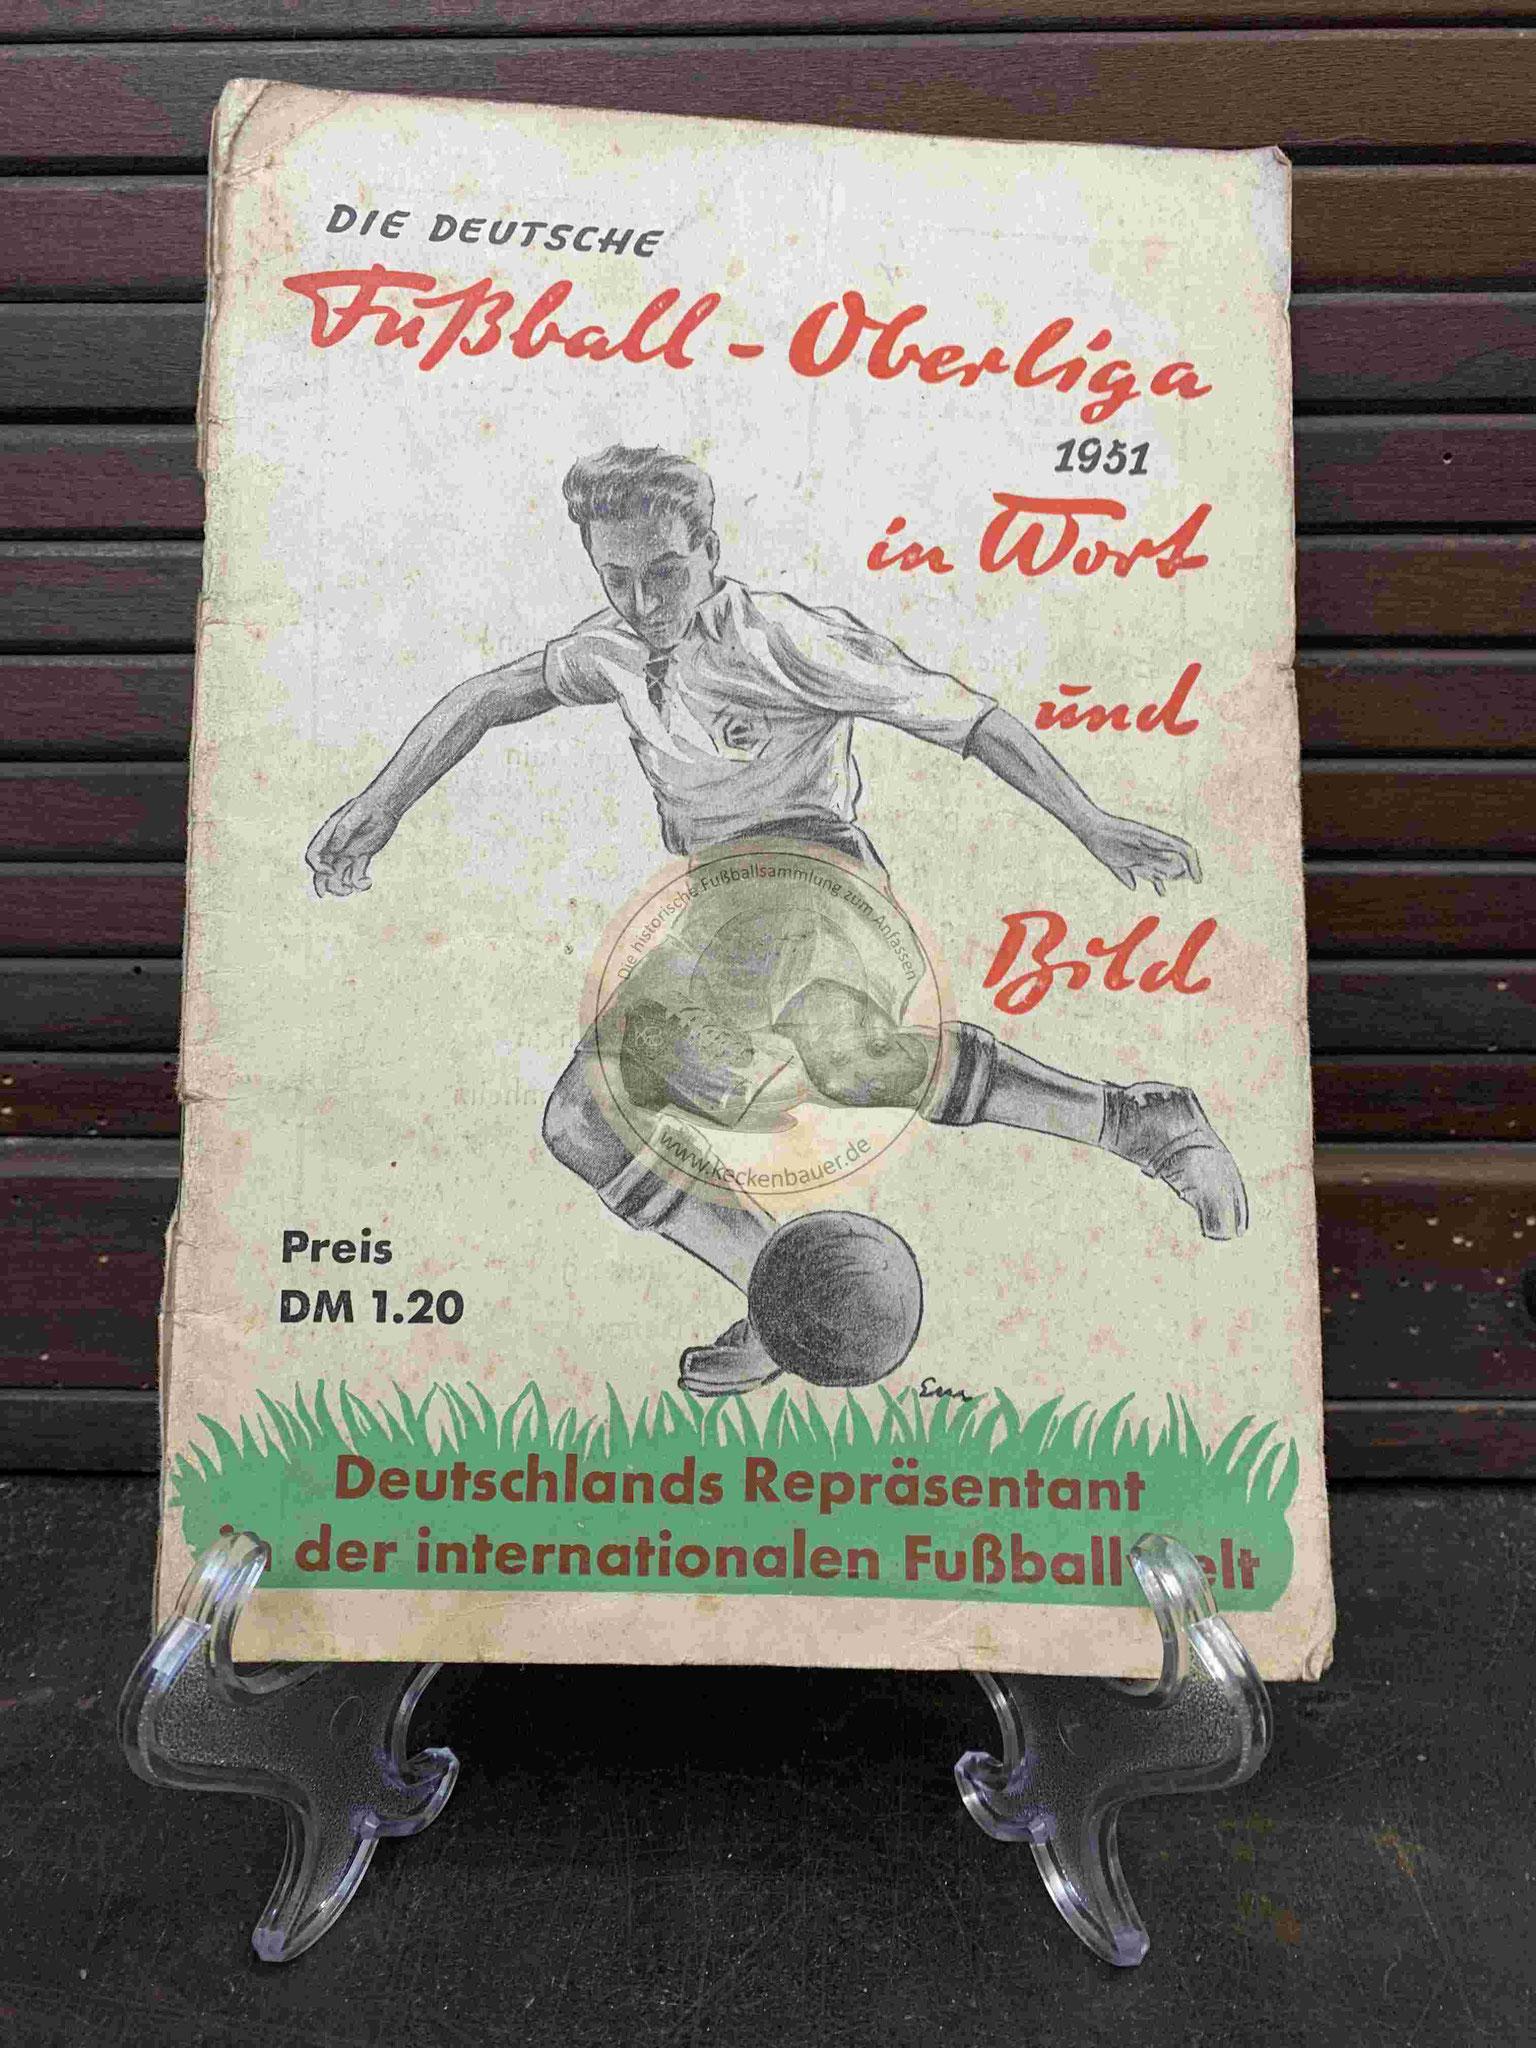 Die Deutsche Fußball-Oberliga 1951 in Wort und Bild aus dem Jahr 1951